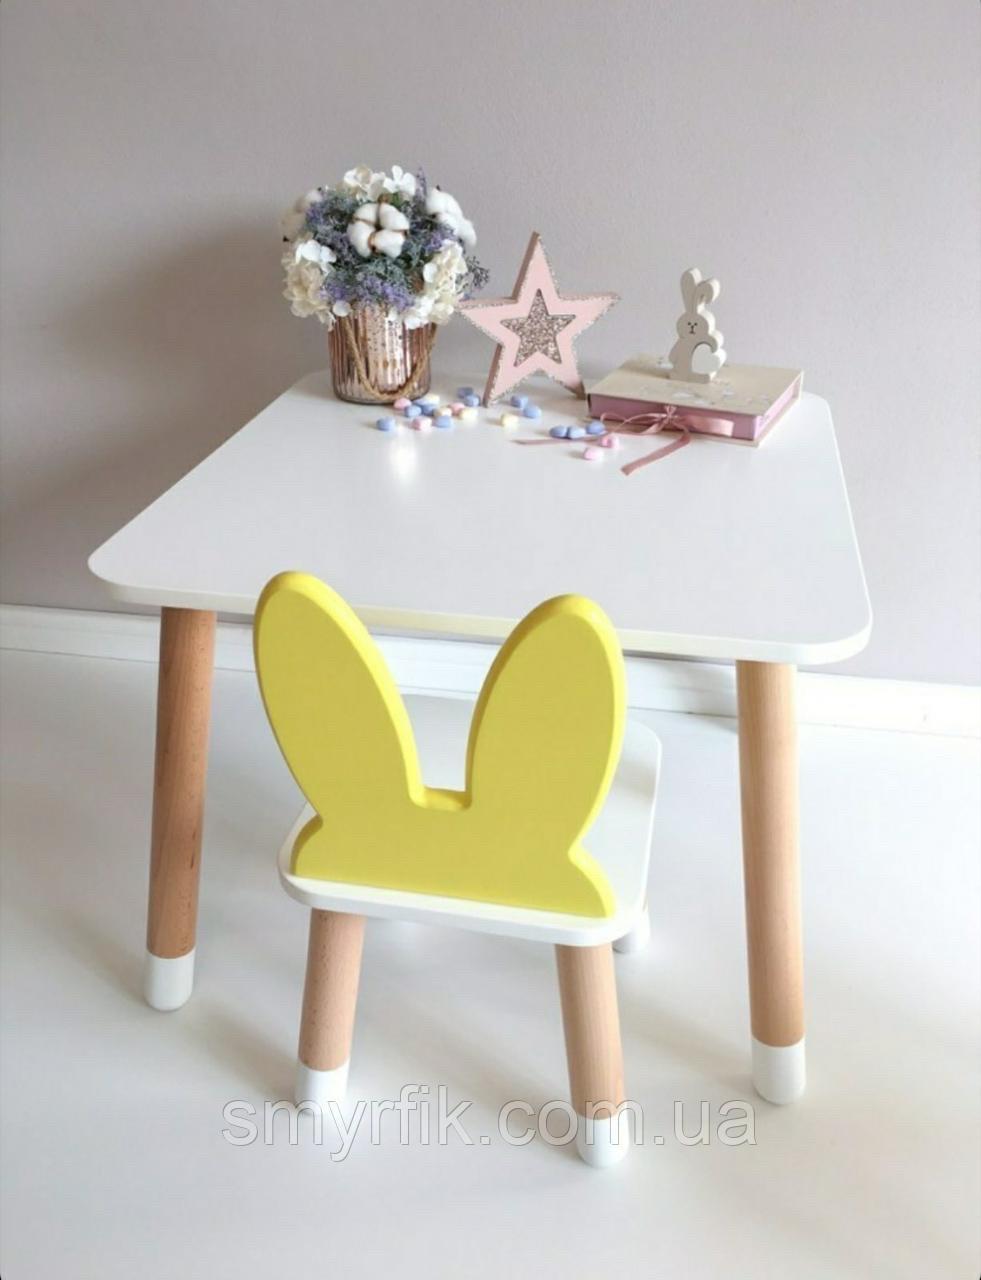 """Дитячий стіл, 1 стілець (дерев'яний стільчик """"зайчик""""нова модель і квадратний столик)"""